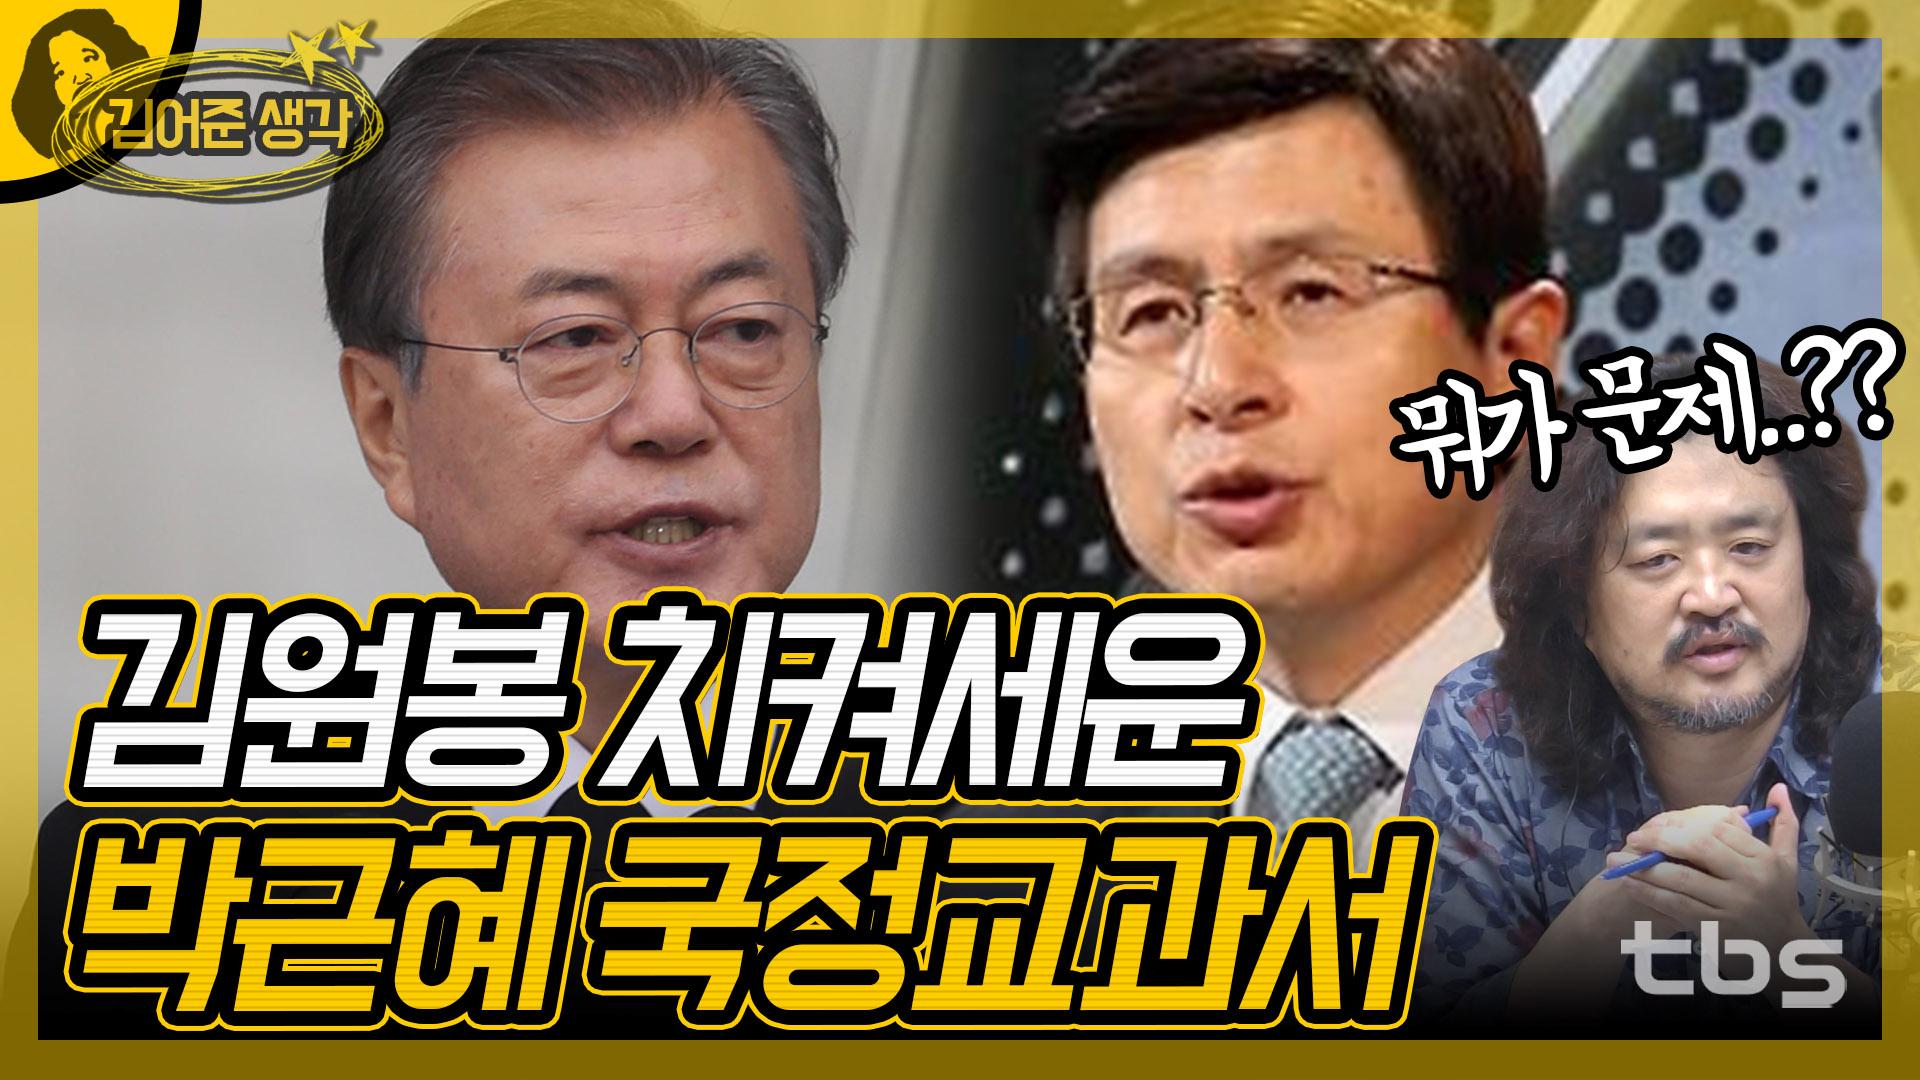 김원봉 치켜세운 박근혜 국정교과서 [김어준 생각 / 김어준 뉴스공장]